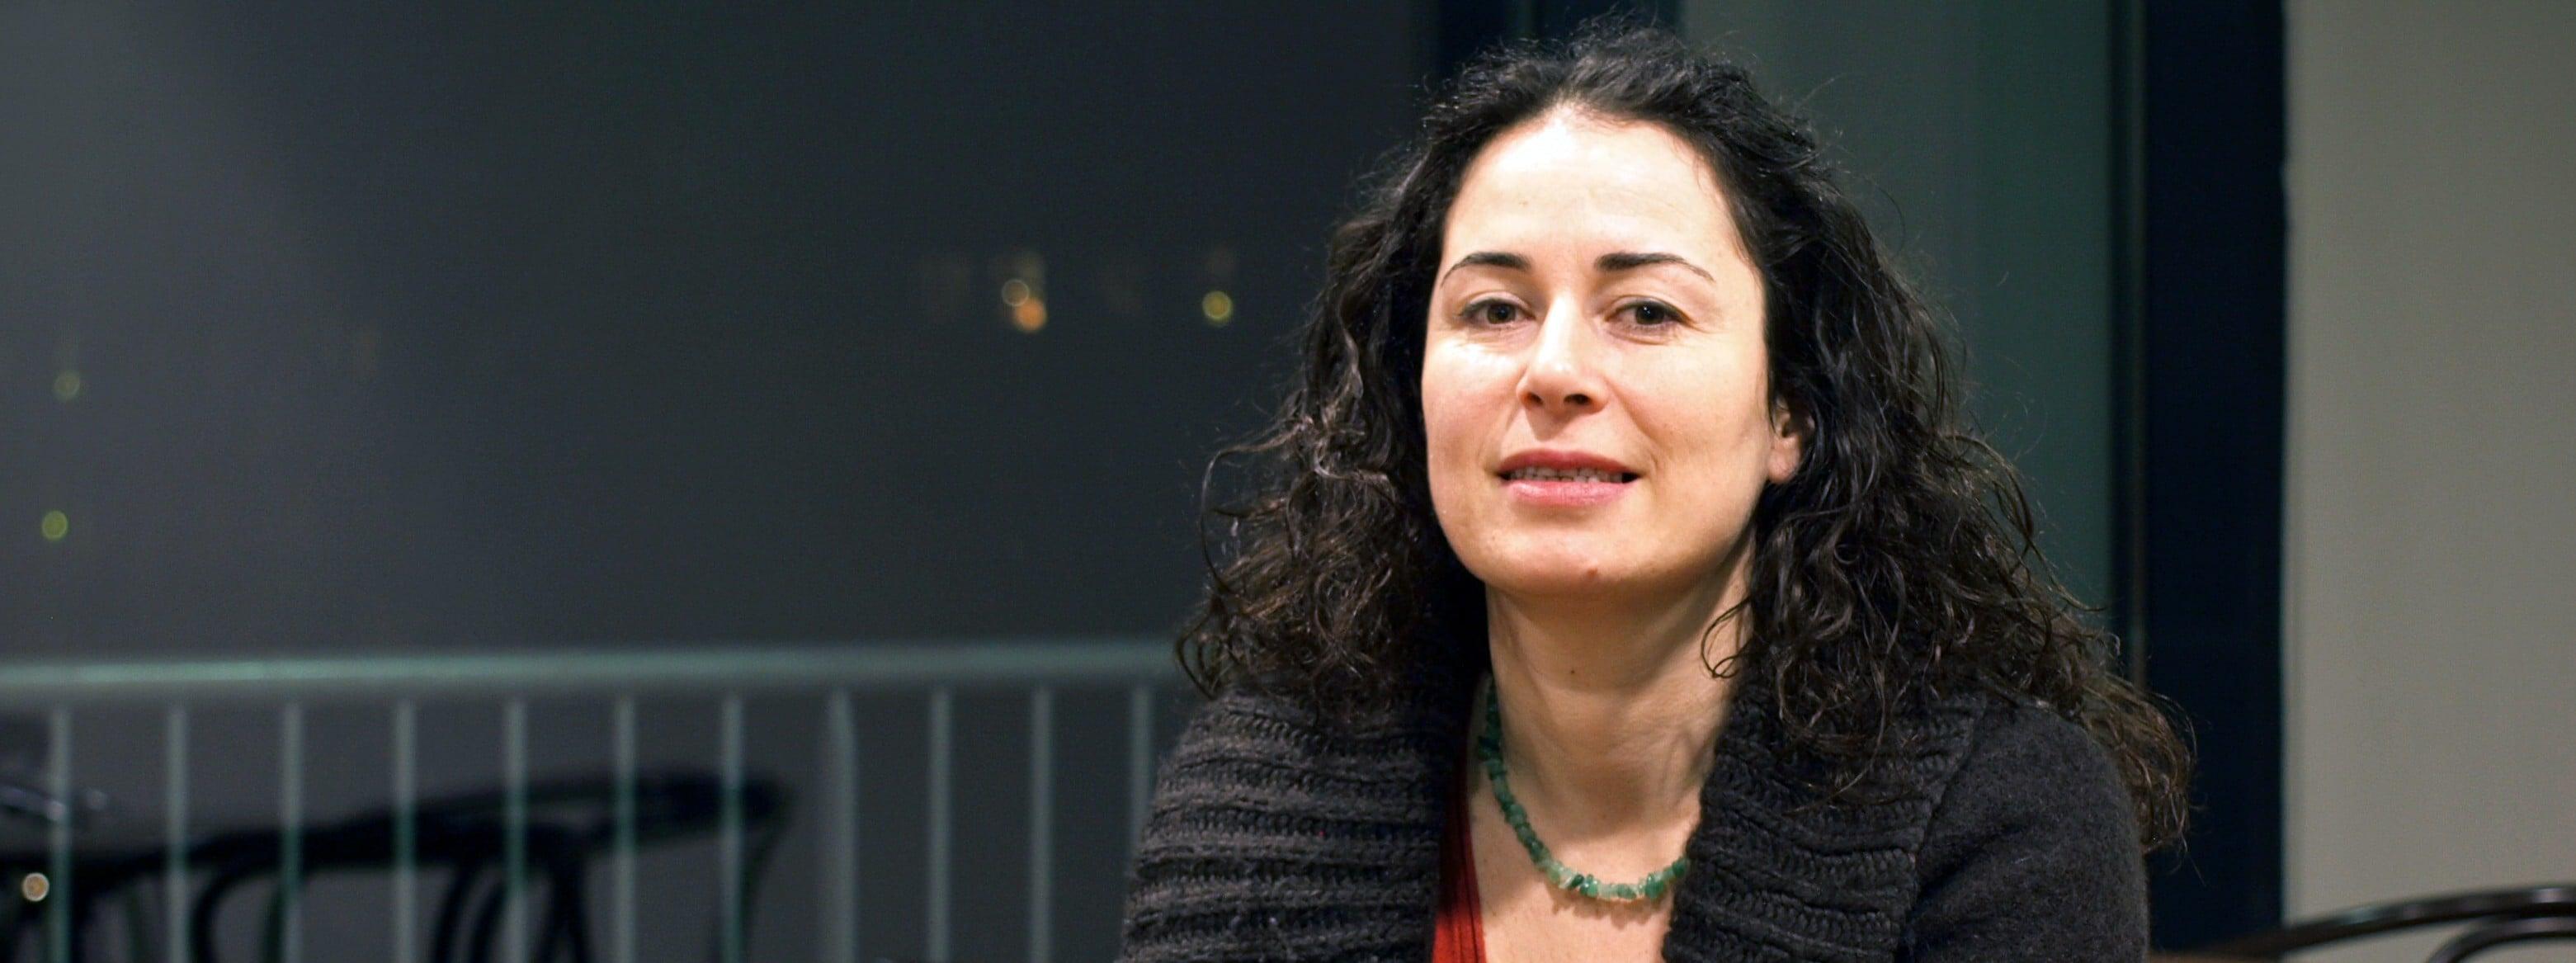 Pinar Selek : exilée à Strasbourg, jugée à Istanbul